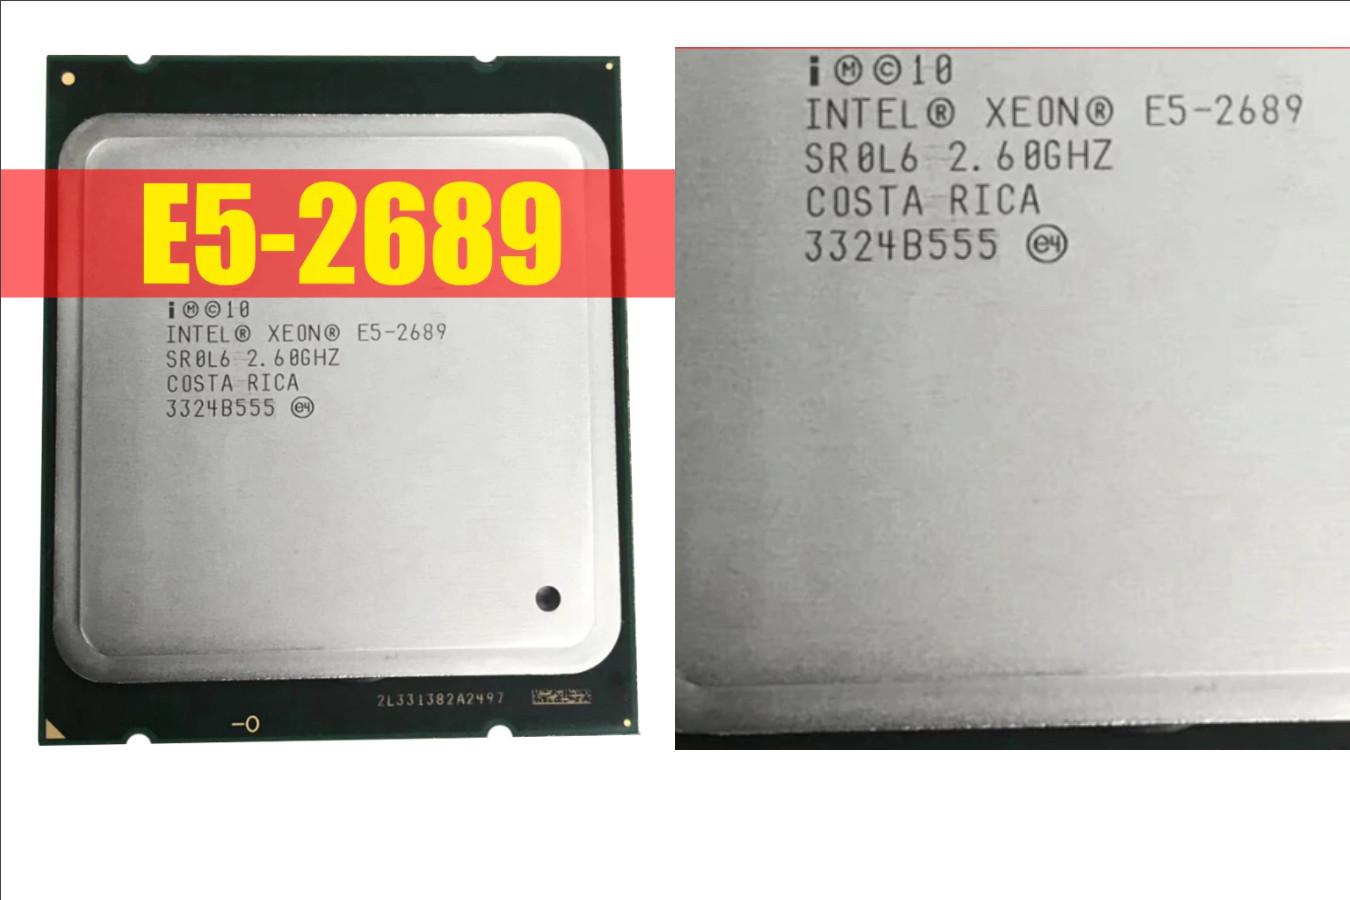 Подходящий для среднего игрового ПК — Intel Xeon E5 2689